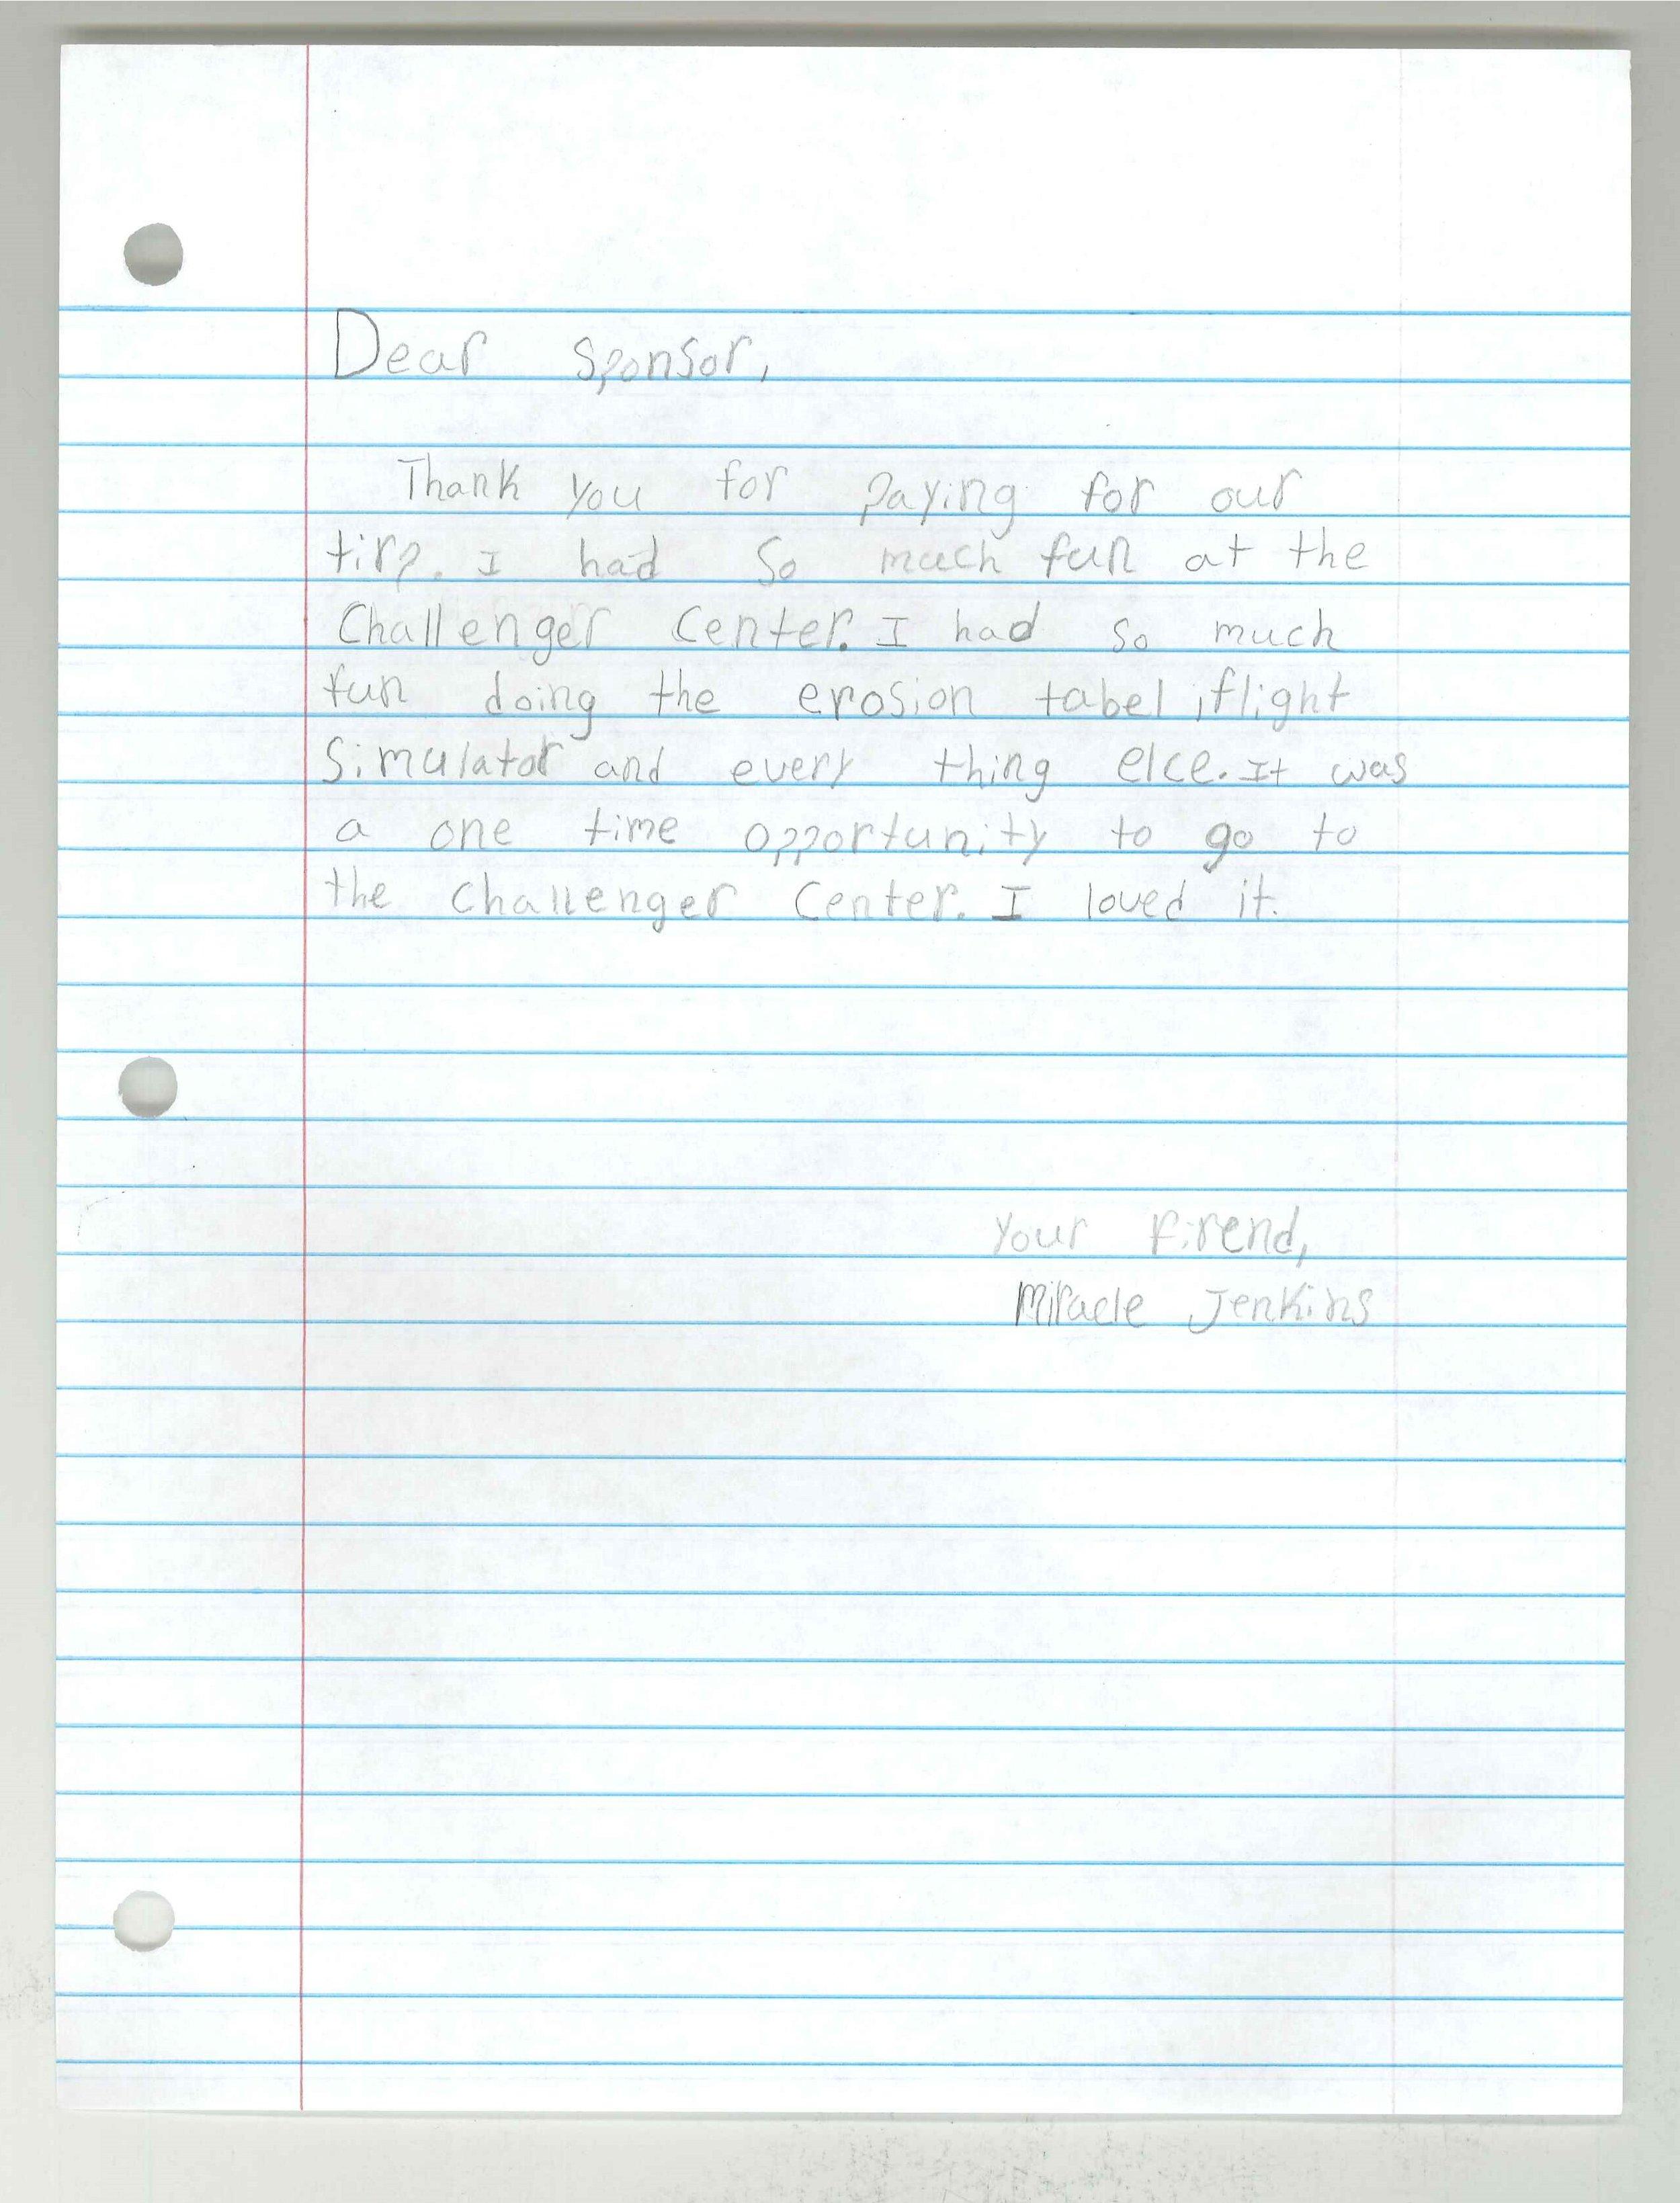 2015-06-23 Martha Jane Potter Elementary- Linda Cantrell-student letter 4.jpg